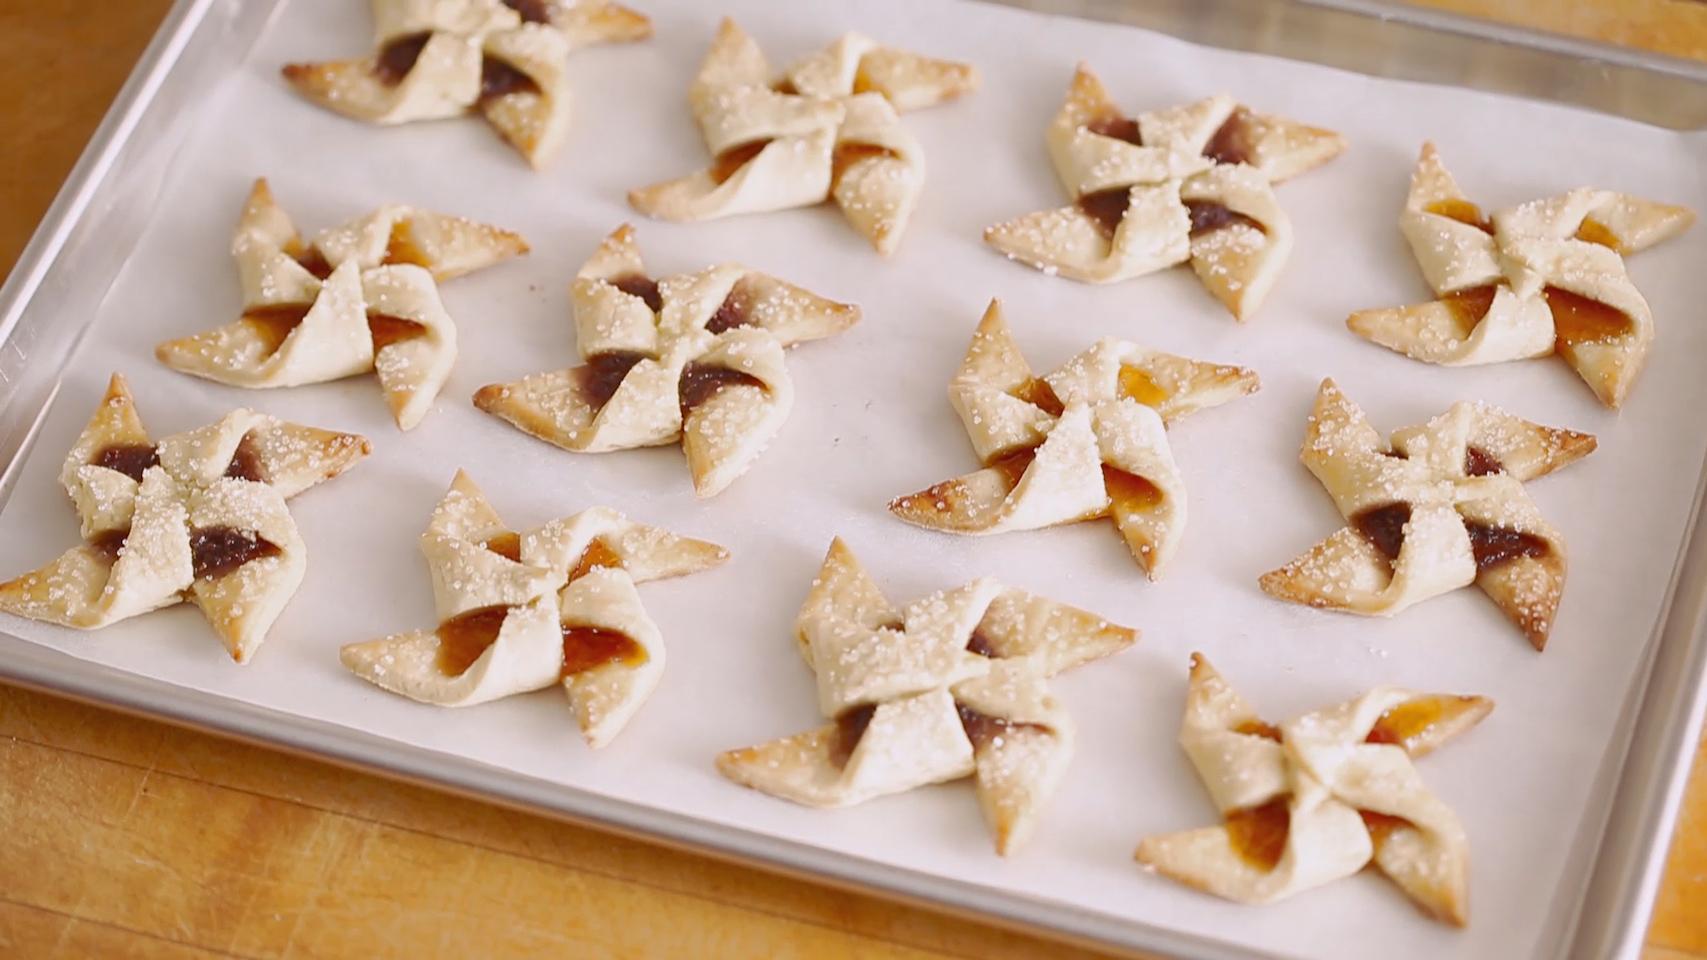 jam pinwheel cookies - perfect christmas cookies